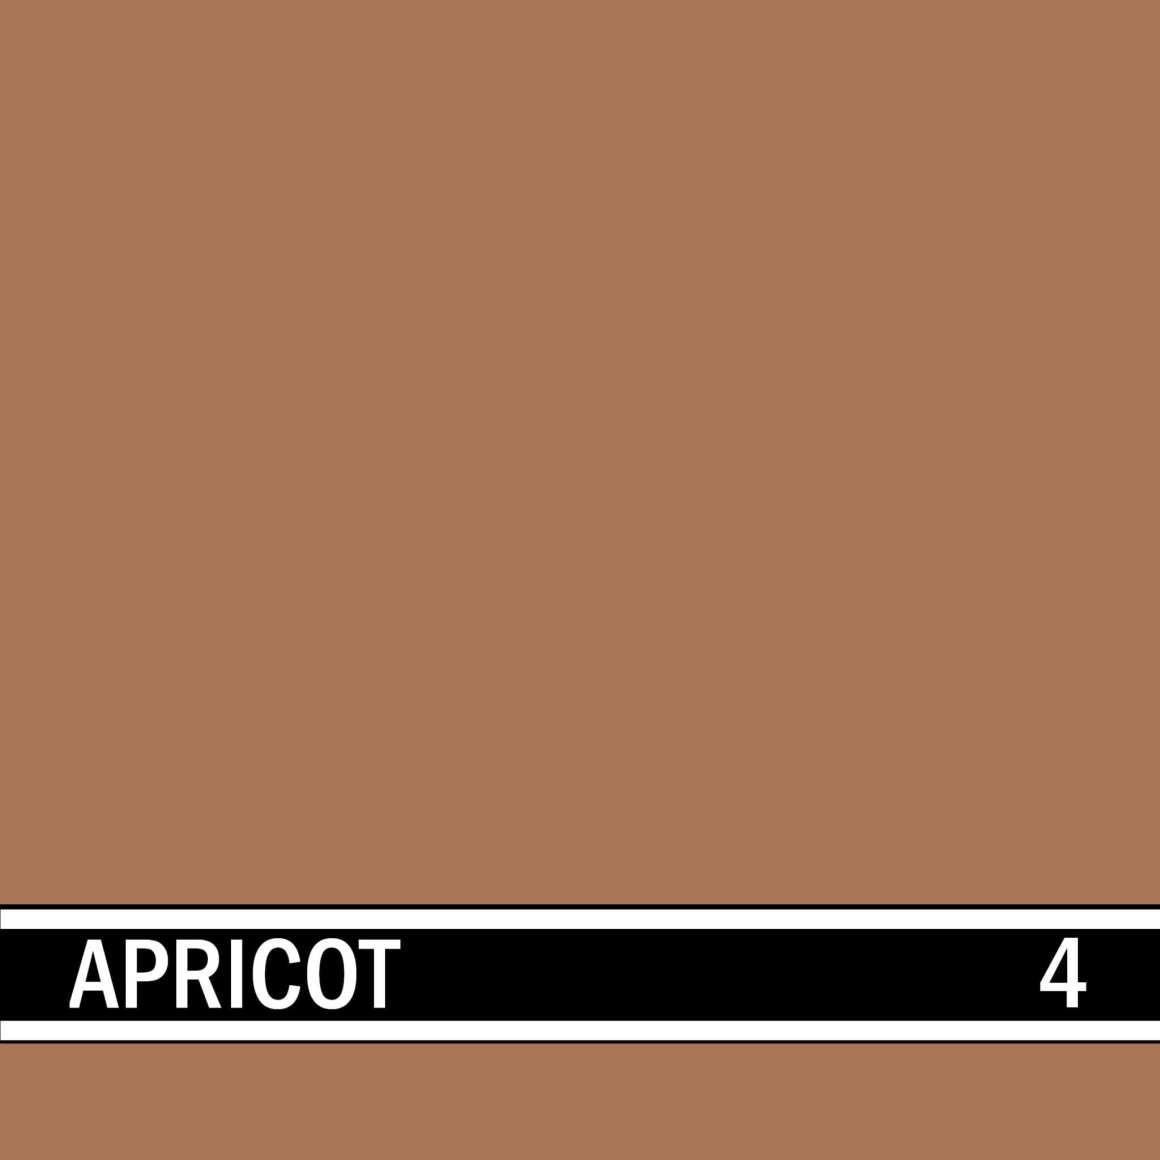 Apricot integral concrete color for stamped concrete and decorative colored concrete